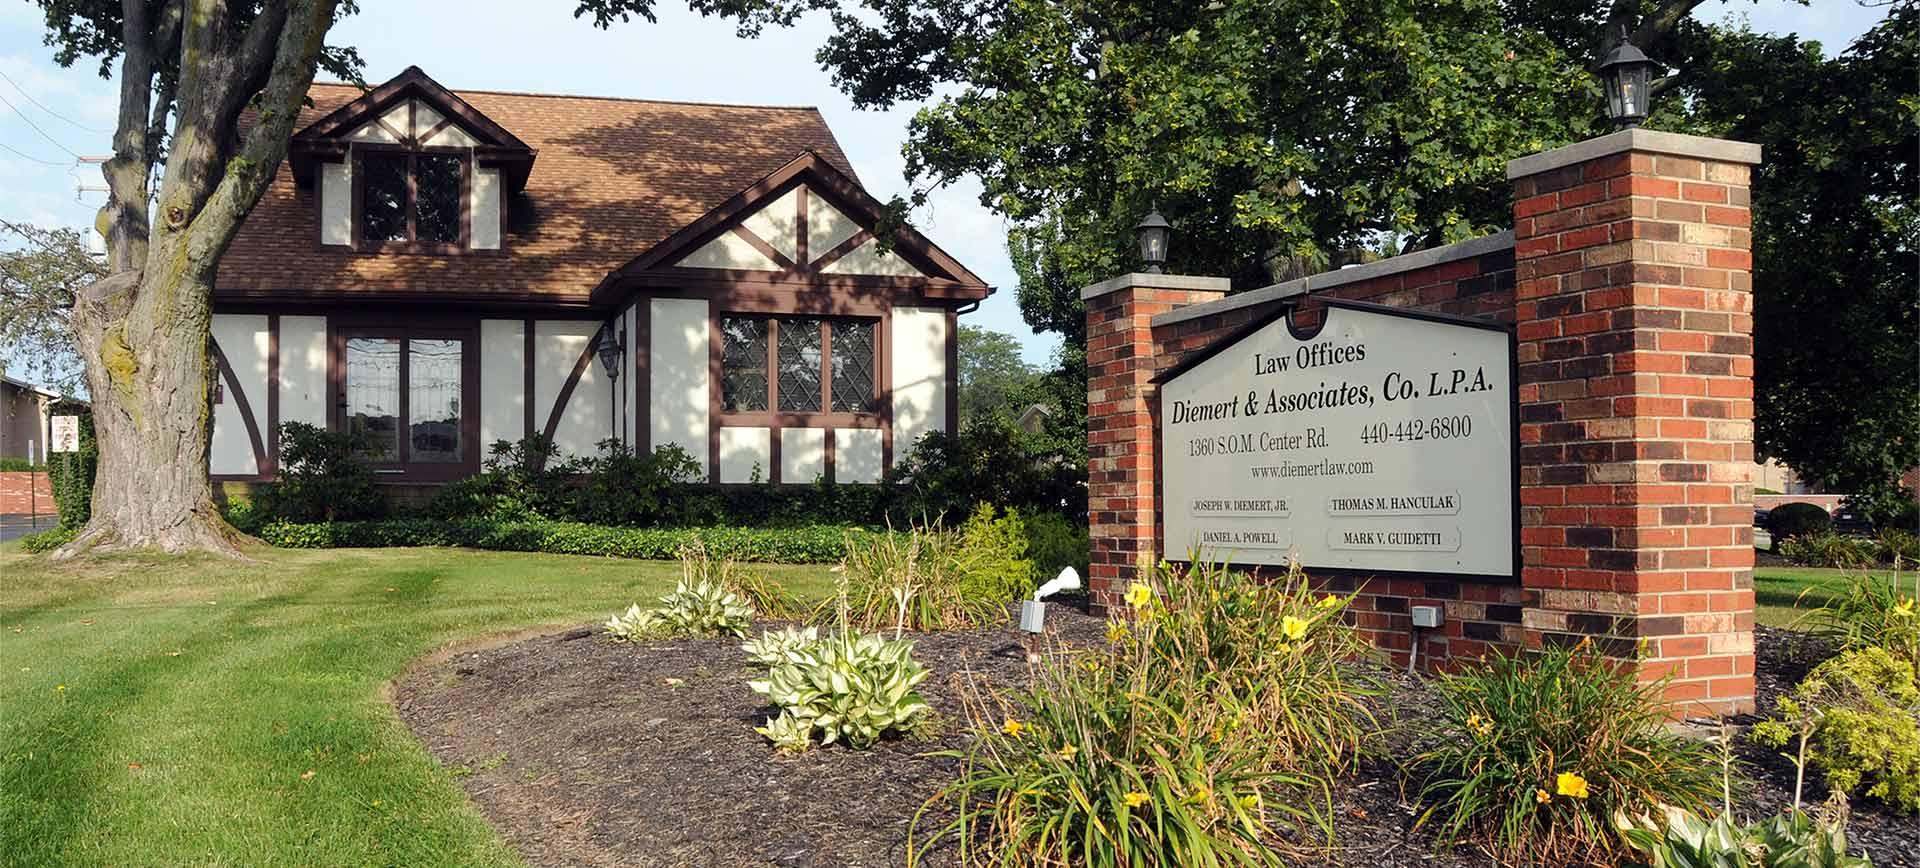 Law firm   Diemert & Associates Cleveland